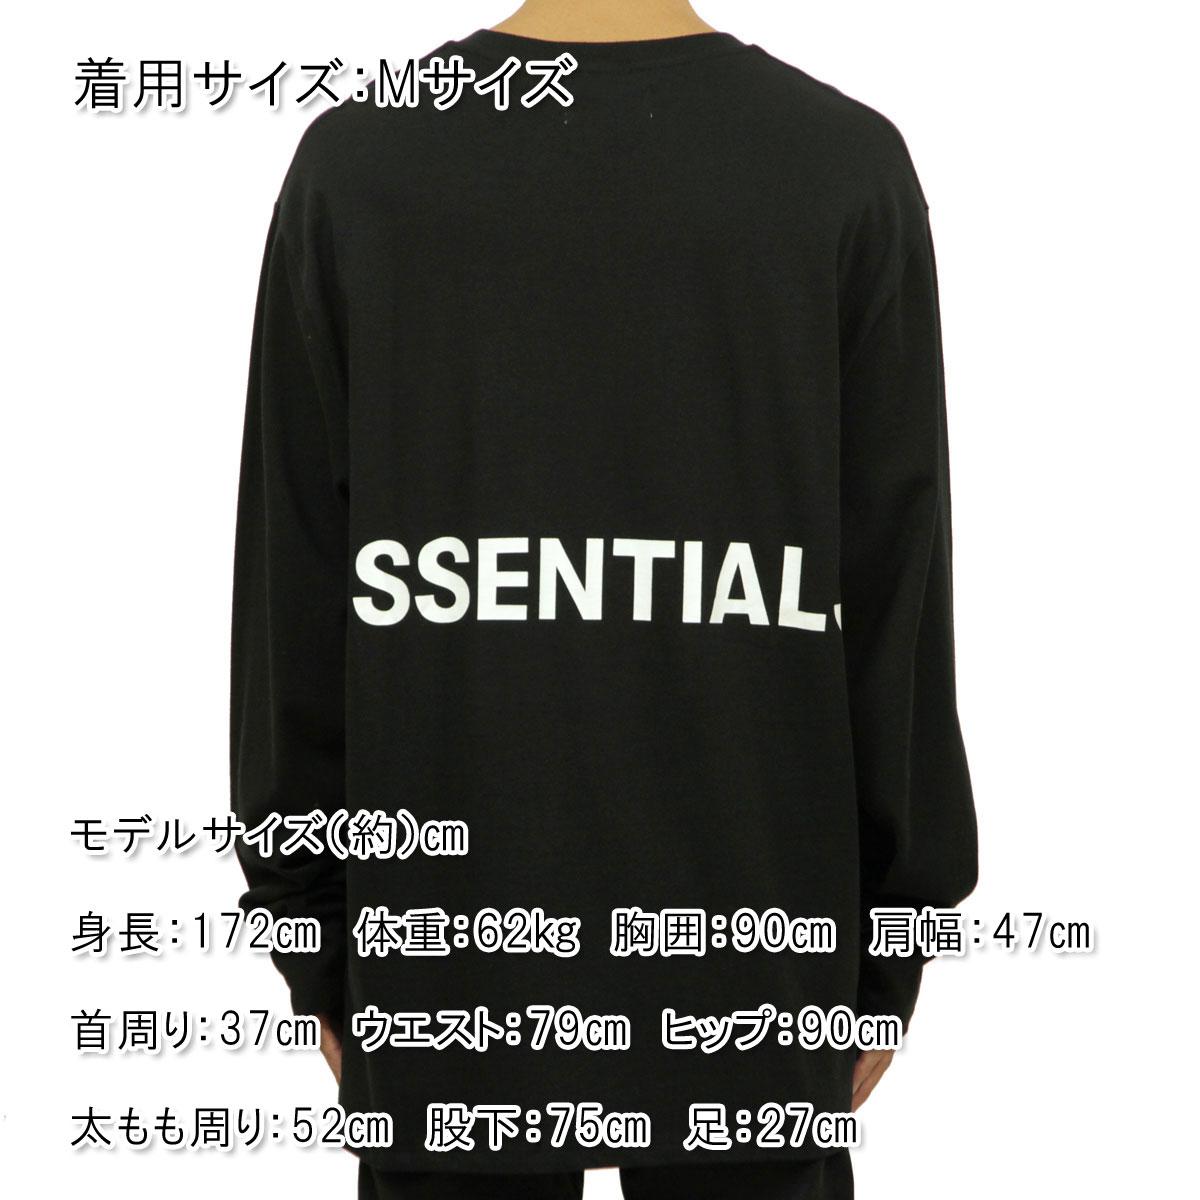 フィアオブゴッド ロンT メンズ 正規品 FEAR OF GOD 長袖Tシャツ FOG - FEAR OF GOD ESSENTIALS BOXY GRAPHIC LONG SLEEVE T-SHIRT BLACK